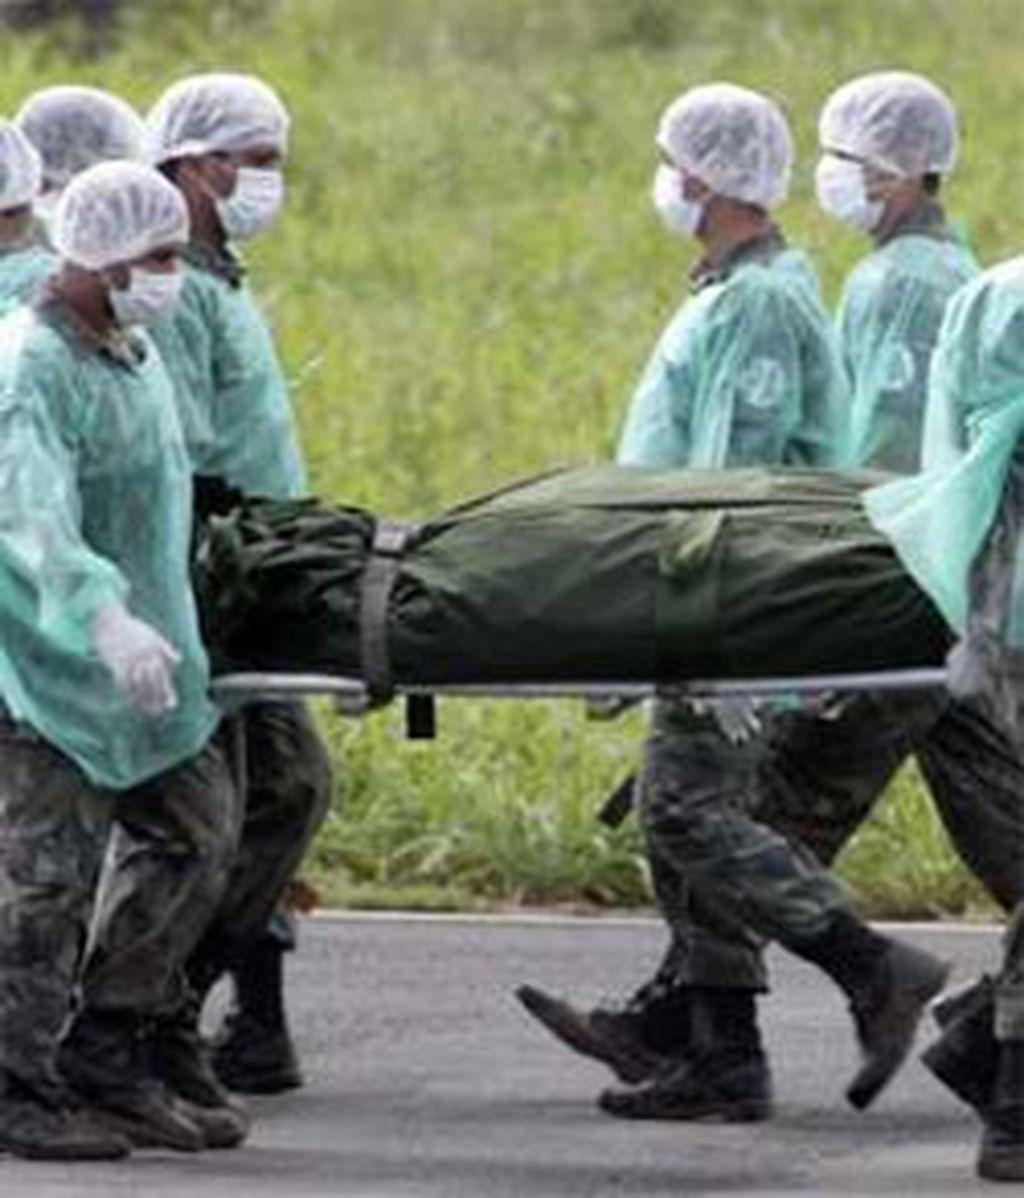 De los 11 identificados, diez son brasileños, cinco mujeres y cinco hombres, y uno extranjero de sexo masculino. Foto: AP.